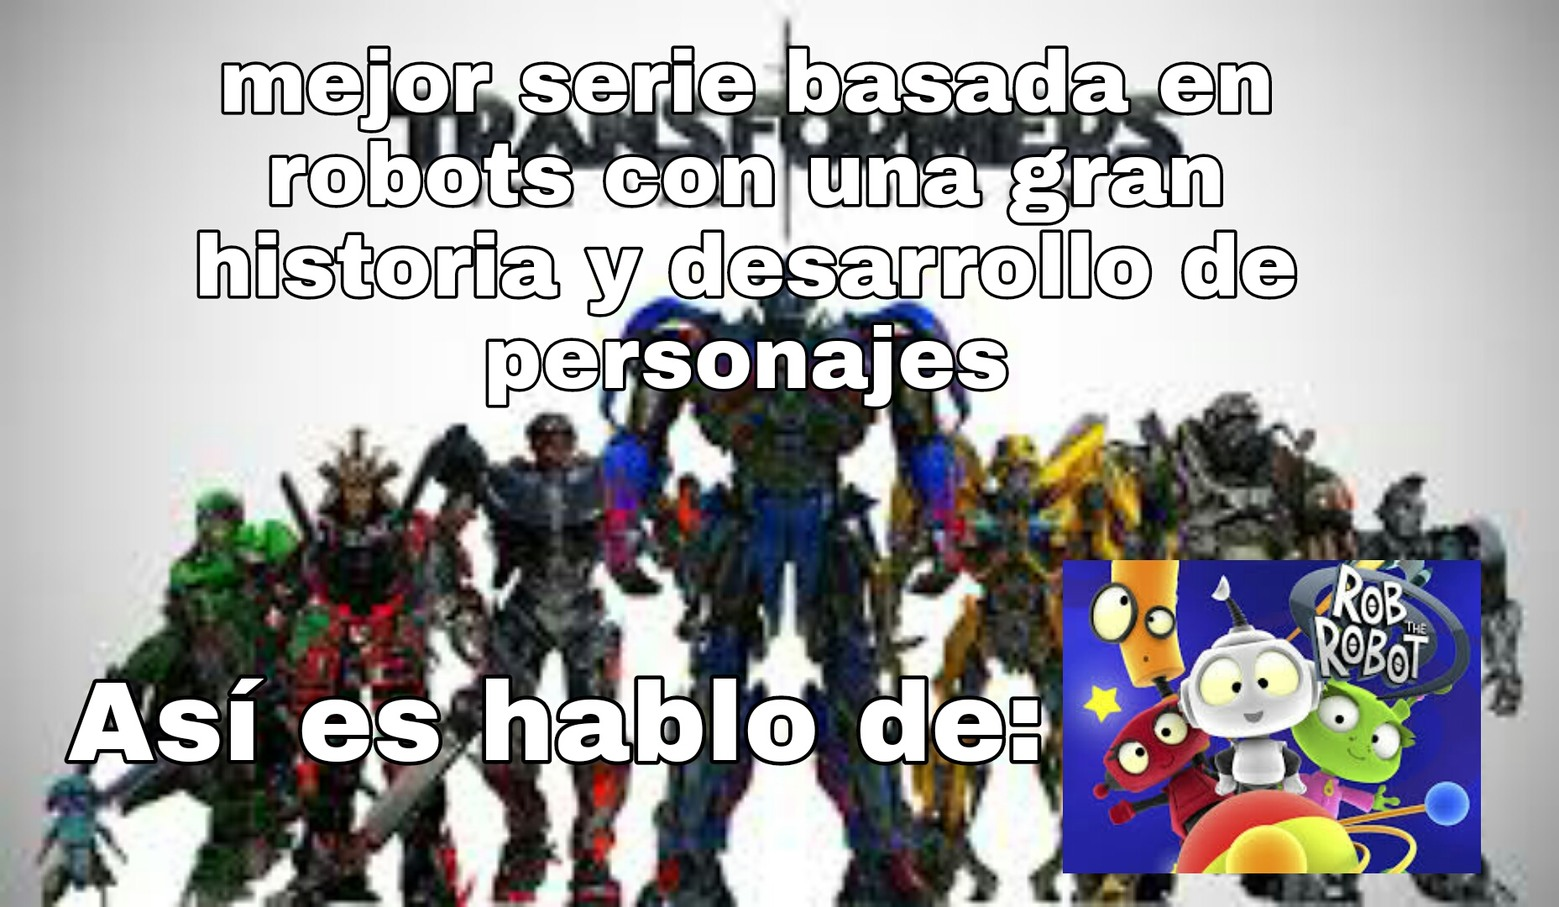 Se que transformers no es una serie pero era está o gigantes de hierro - meme